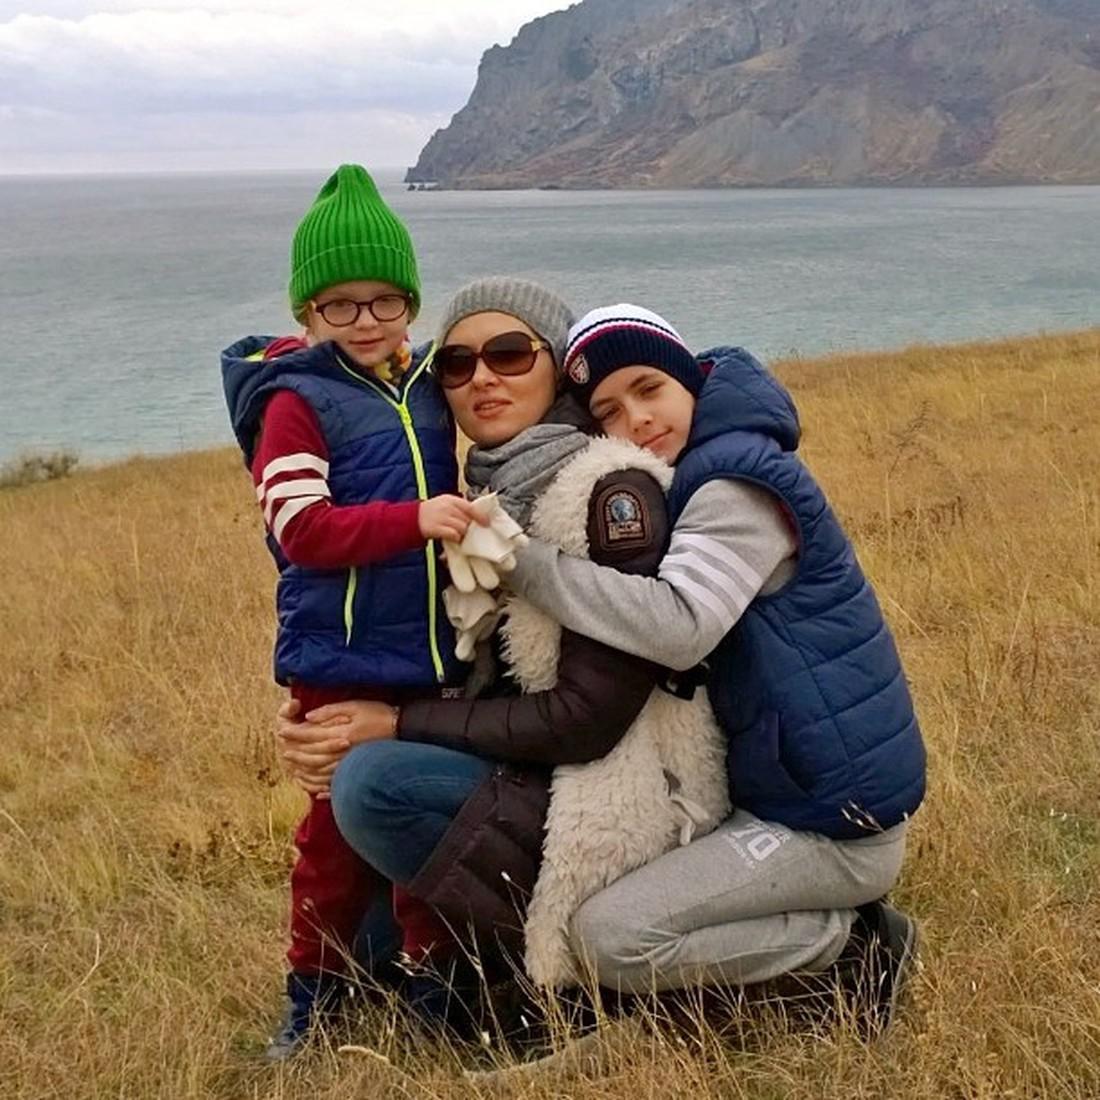 Елена ксенофонтова личная жизнь дети фото